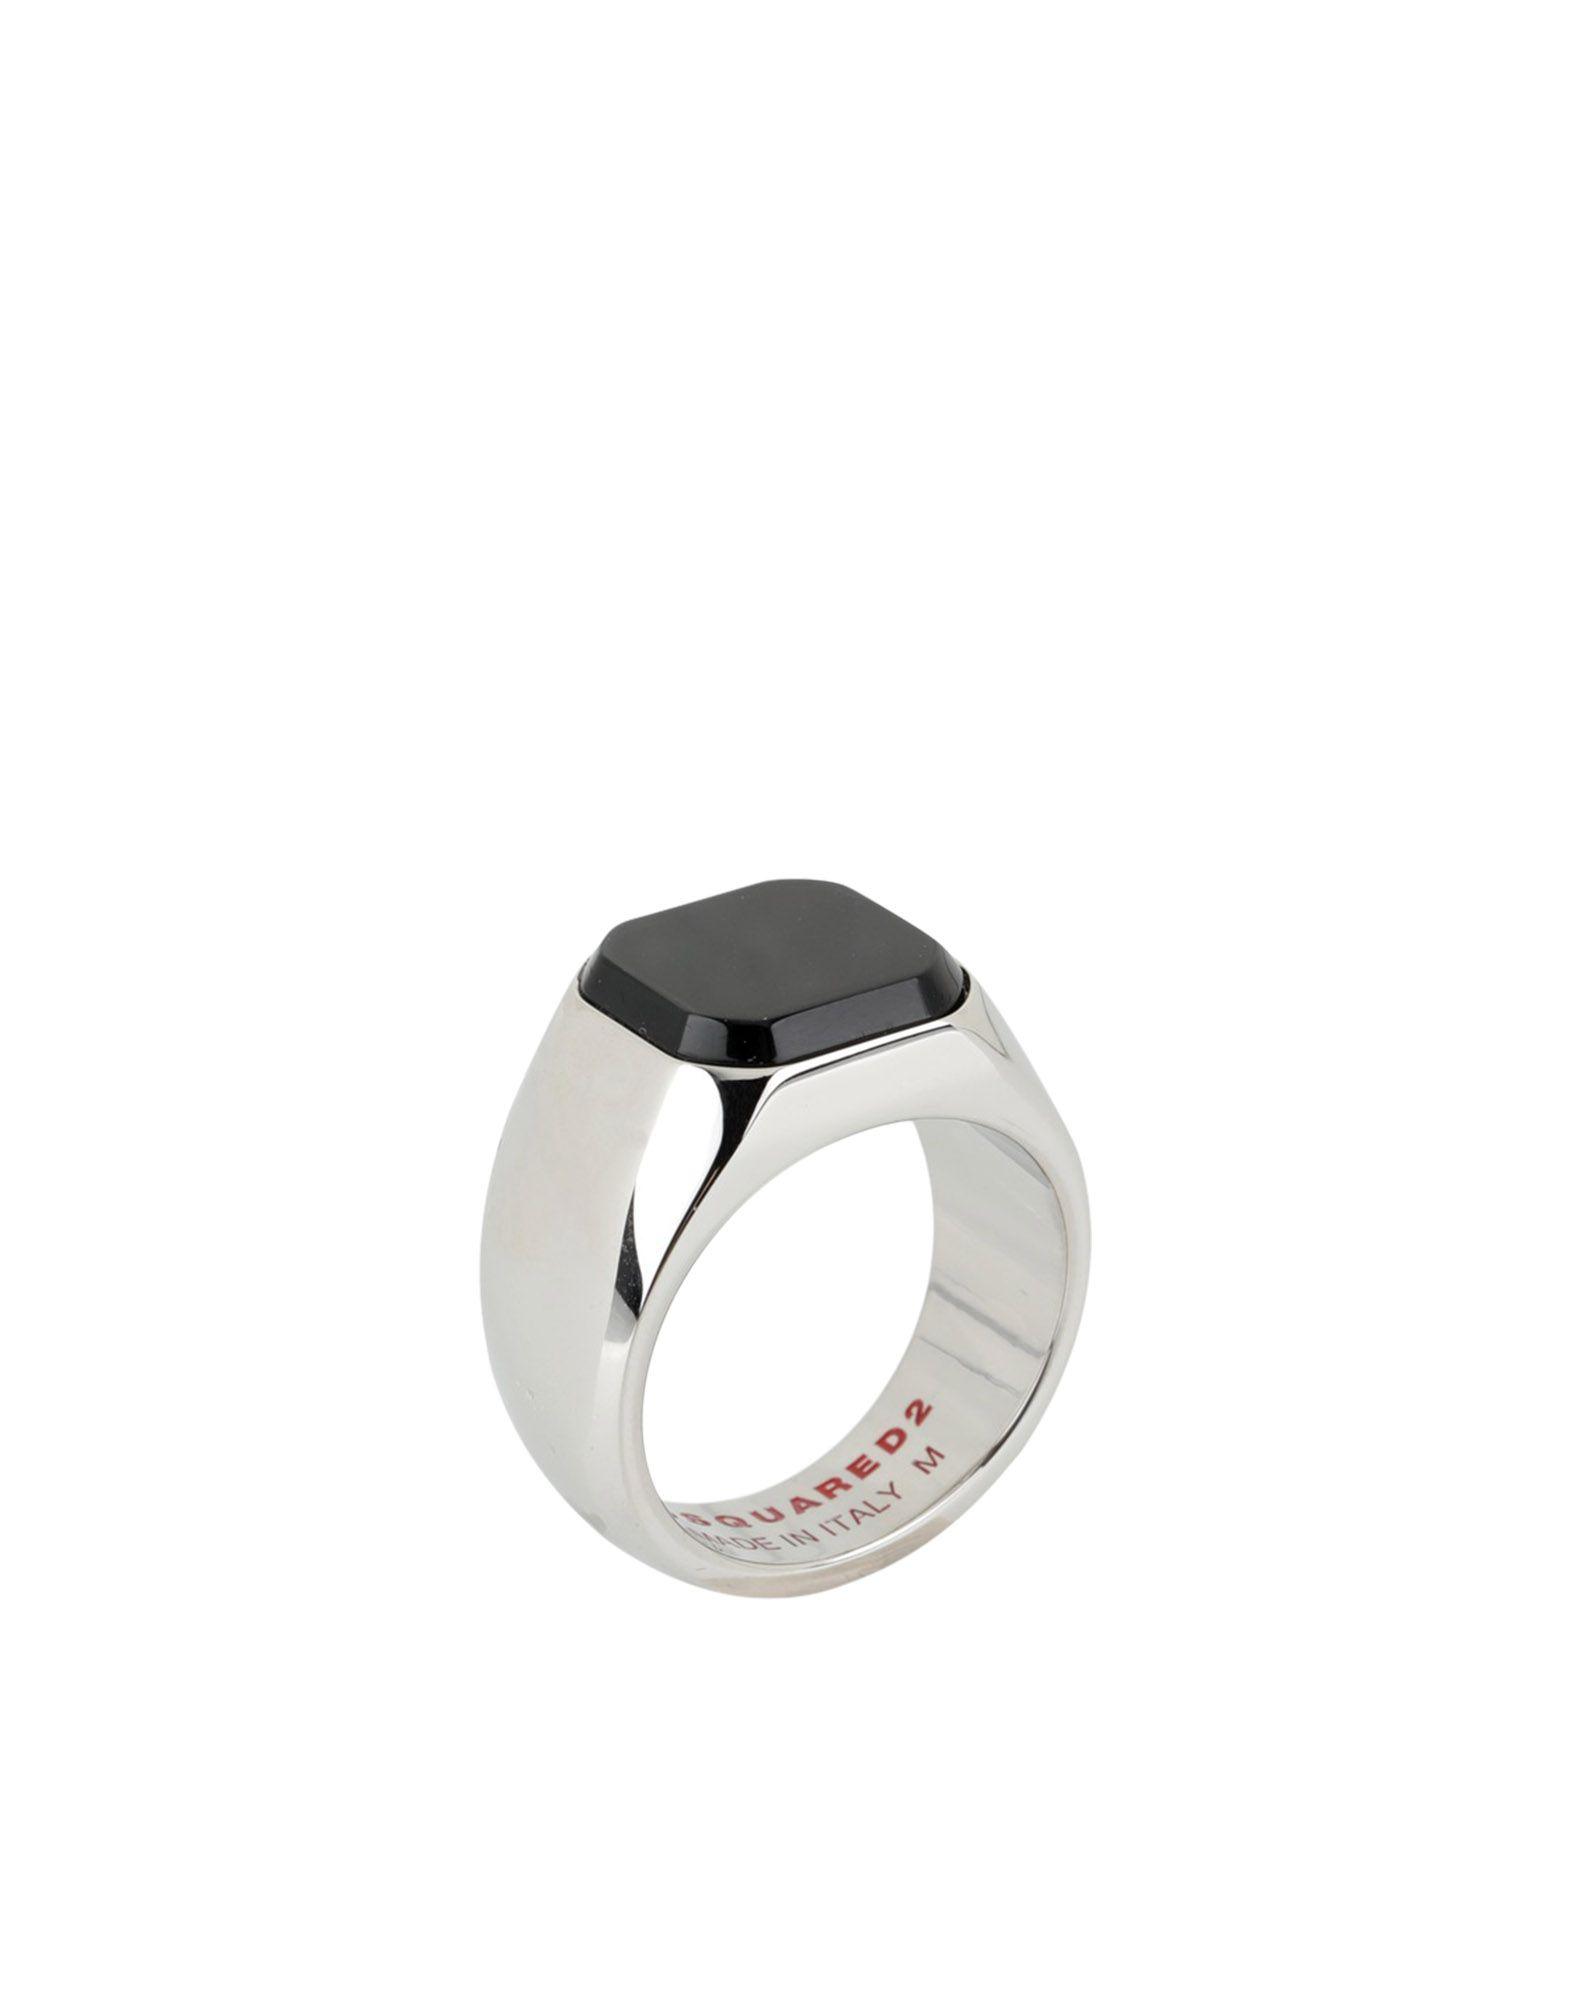 《送料無料》DSQUARED2 メンズ 指輪 ブラック S 真鍮/ブラス 90% / スチール 10%